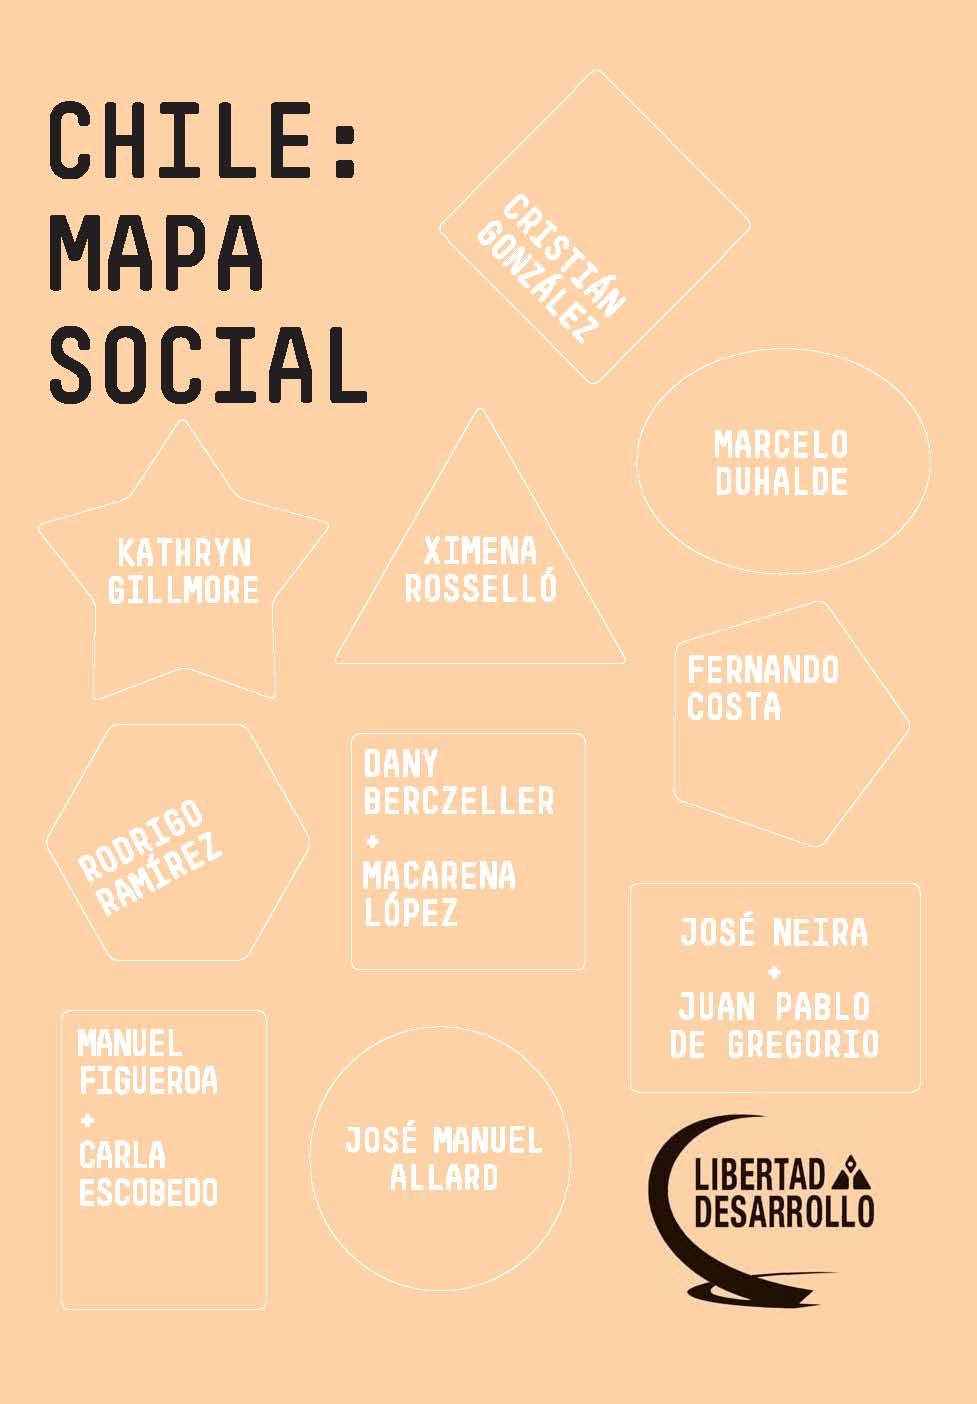 Chile Mapa Social